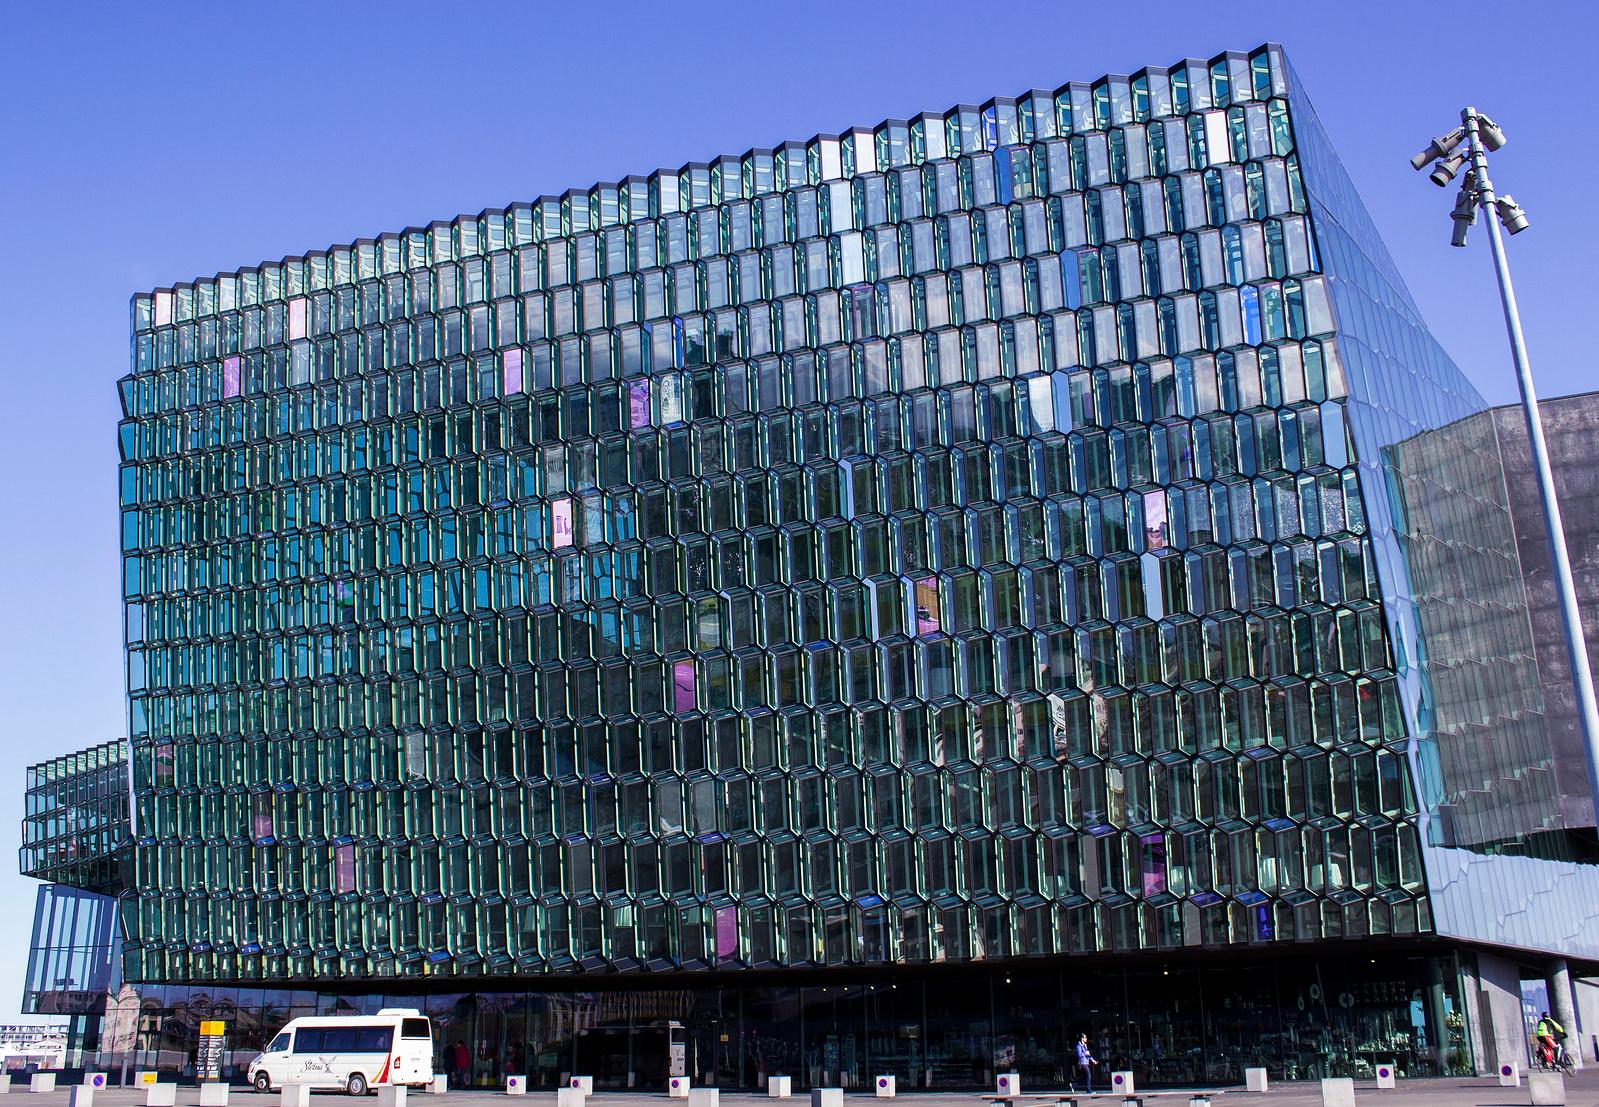 Harpa concert hall in Reykjavik Iceland